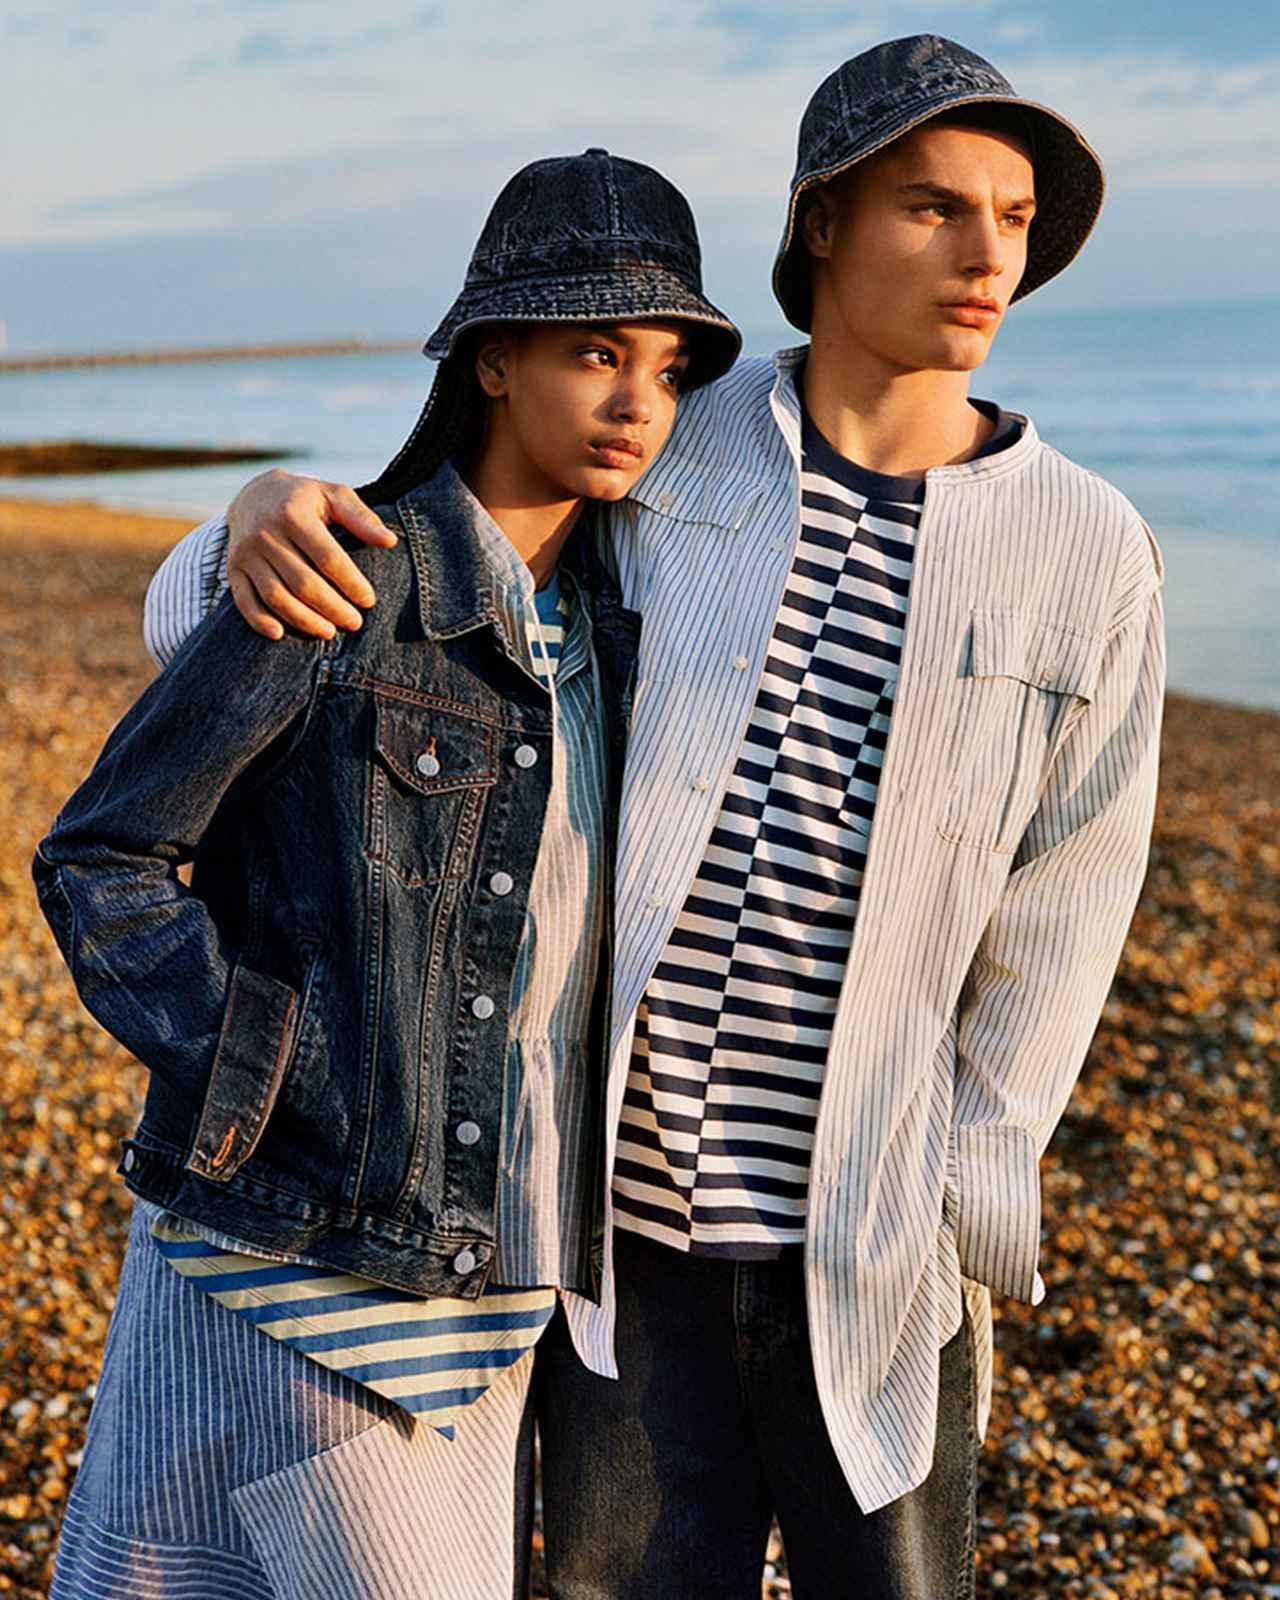 """Images : 5番目の画像 - 「ジョナサン・アンダーソンが """"普通の服""""を作る理由」のアルバム - T JAPAN:The New York Times Style Magazine 公式サイト"""